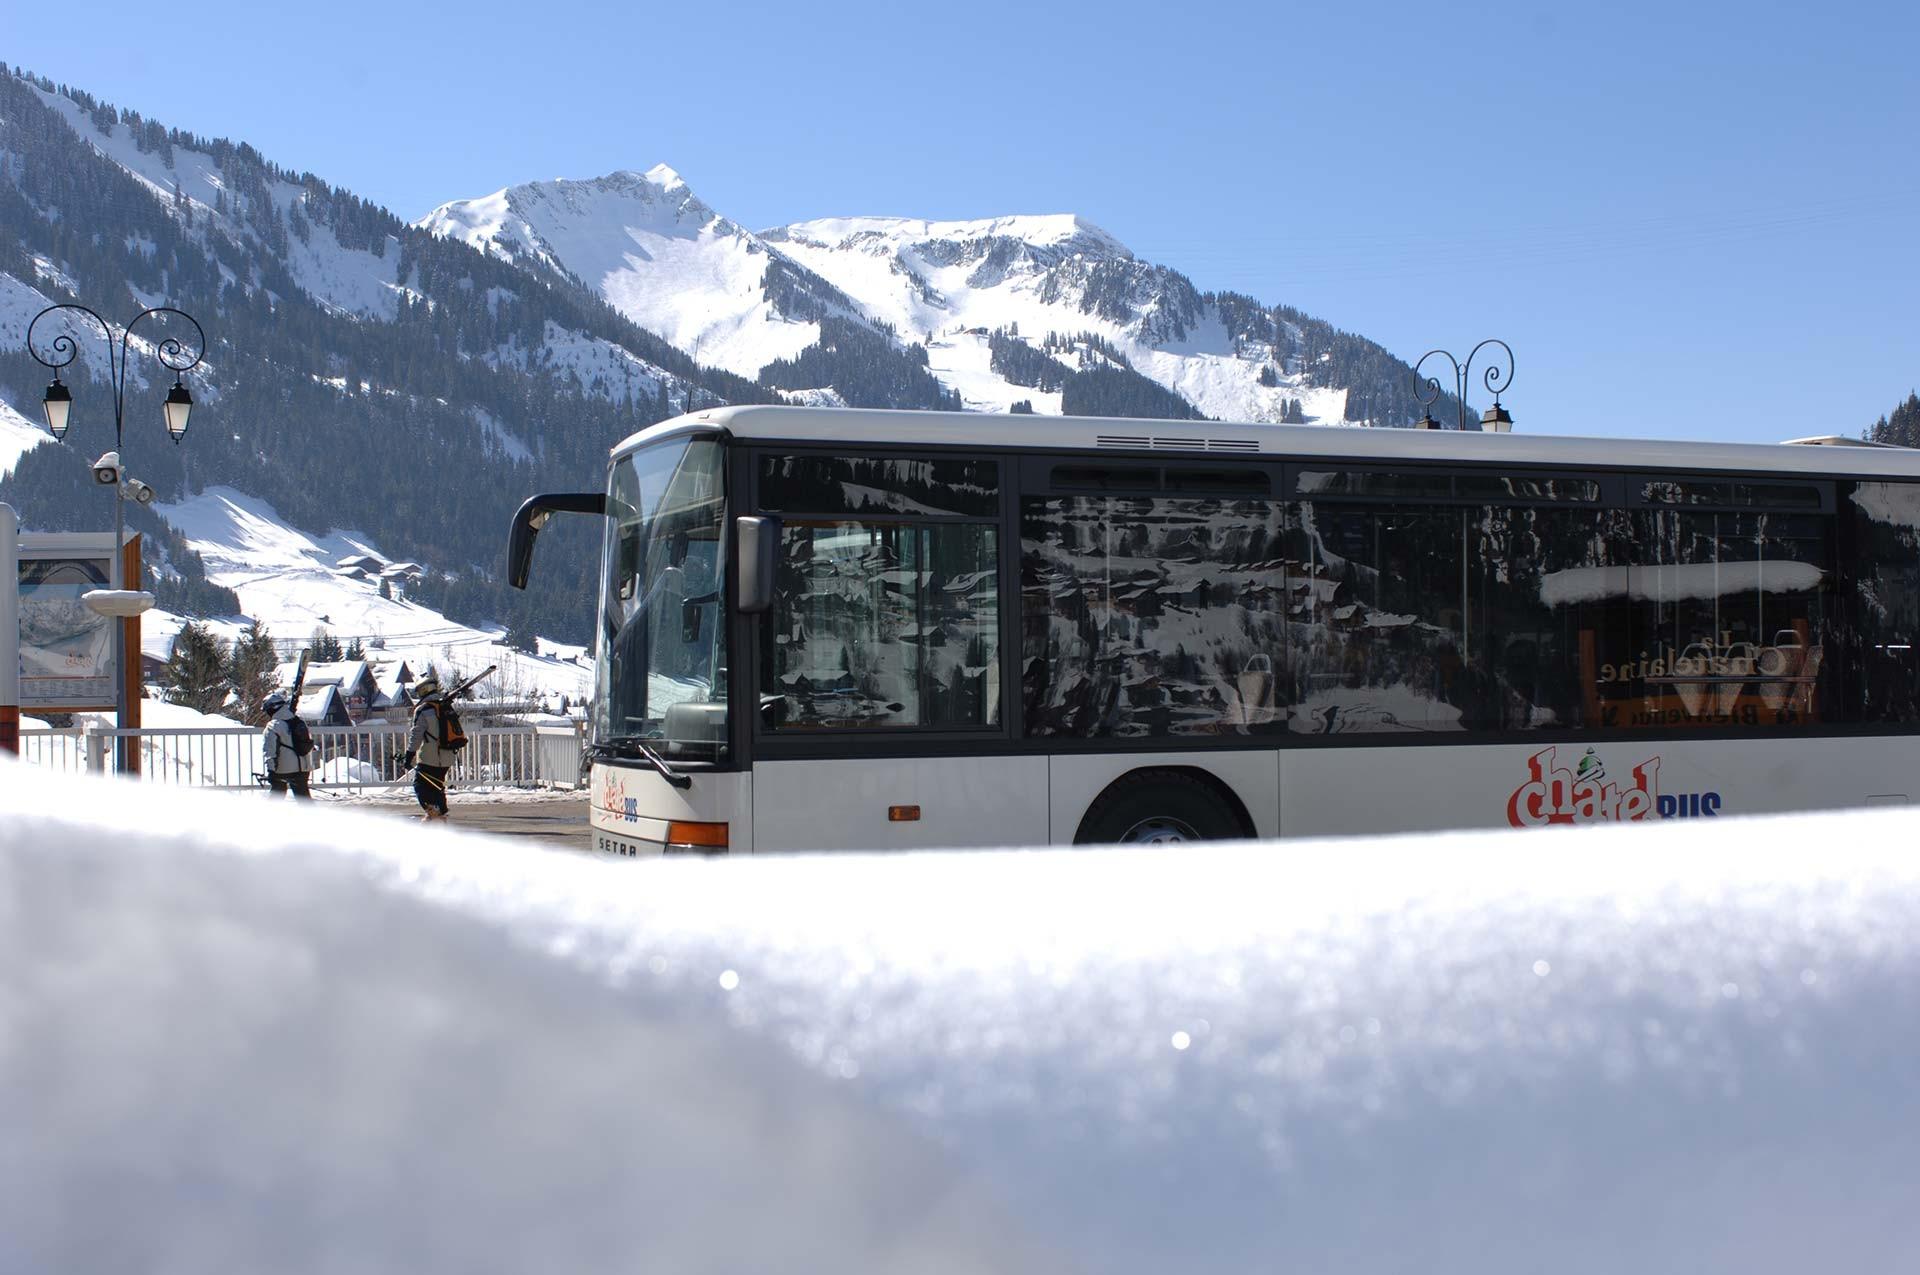 Navettes et bus services pratiques office de tourisme ch tel - Office de tourisme chatel 74 ...